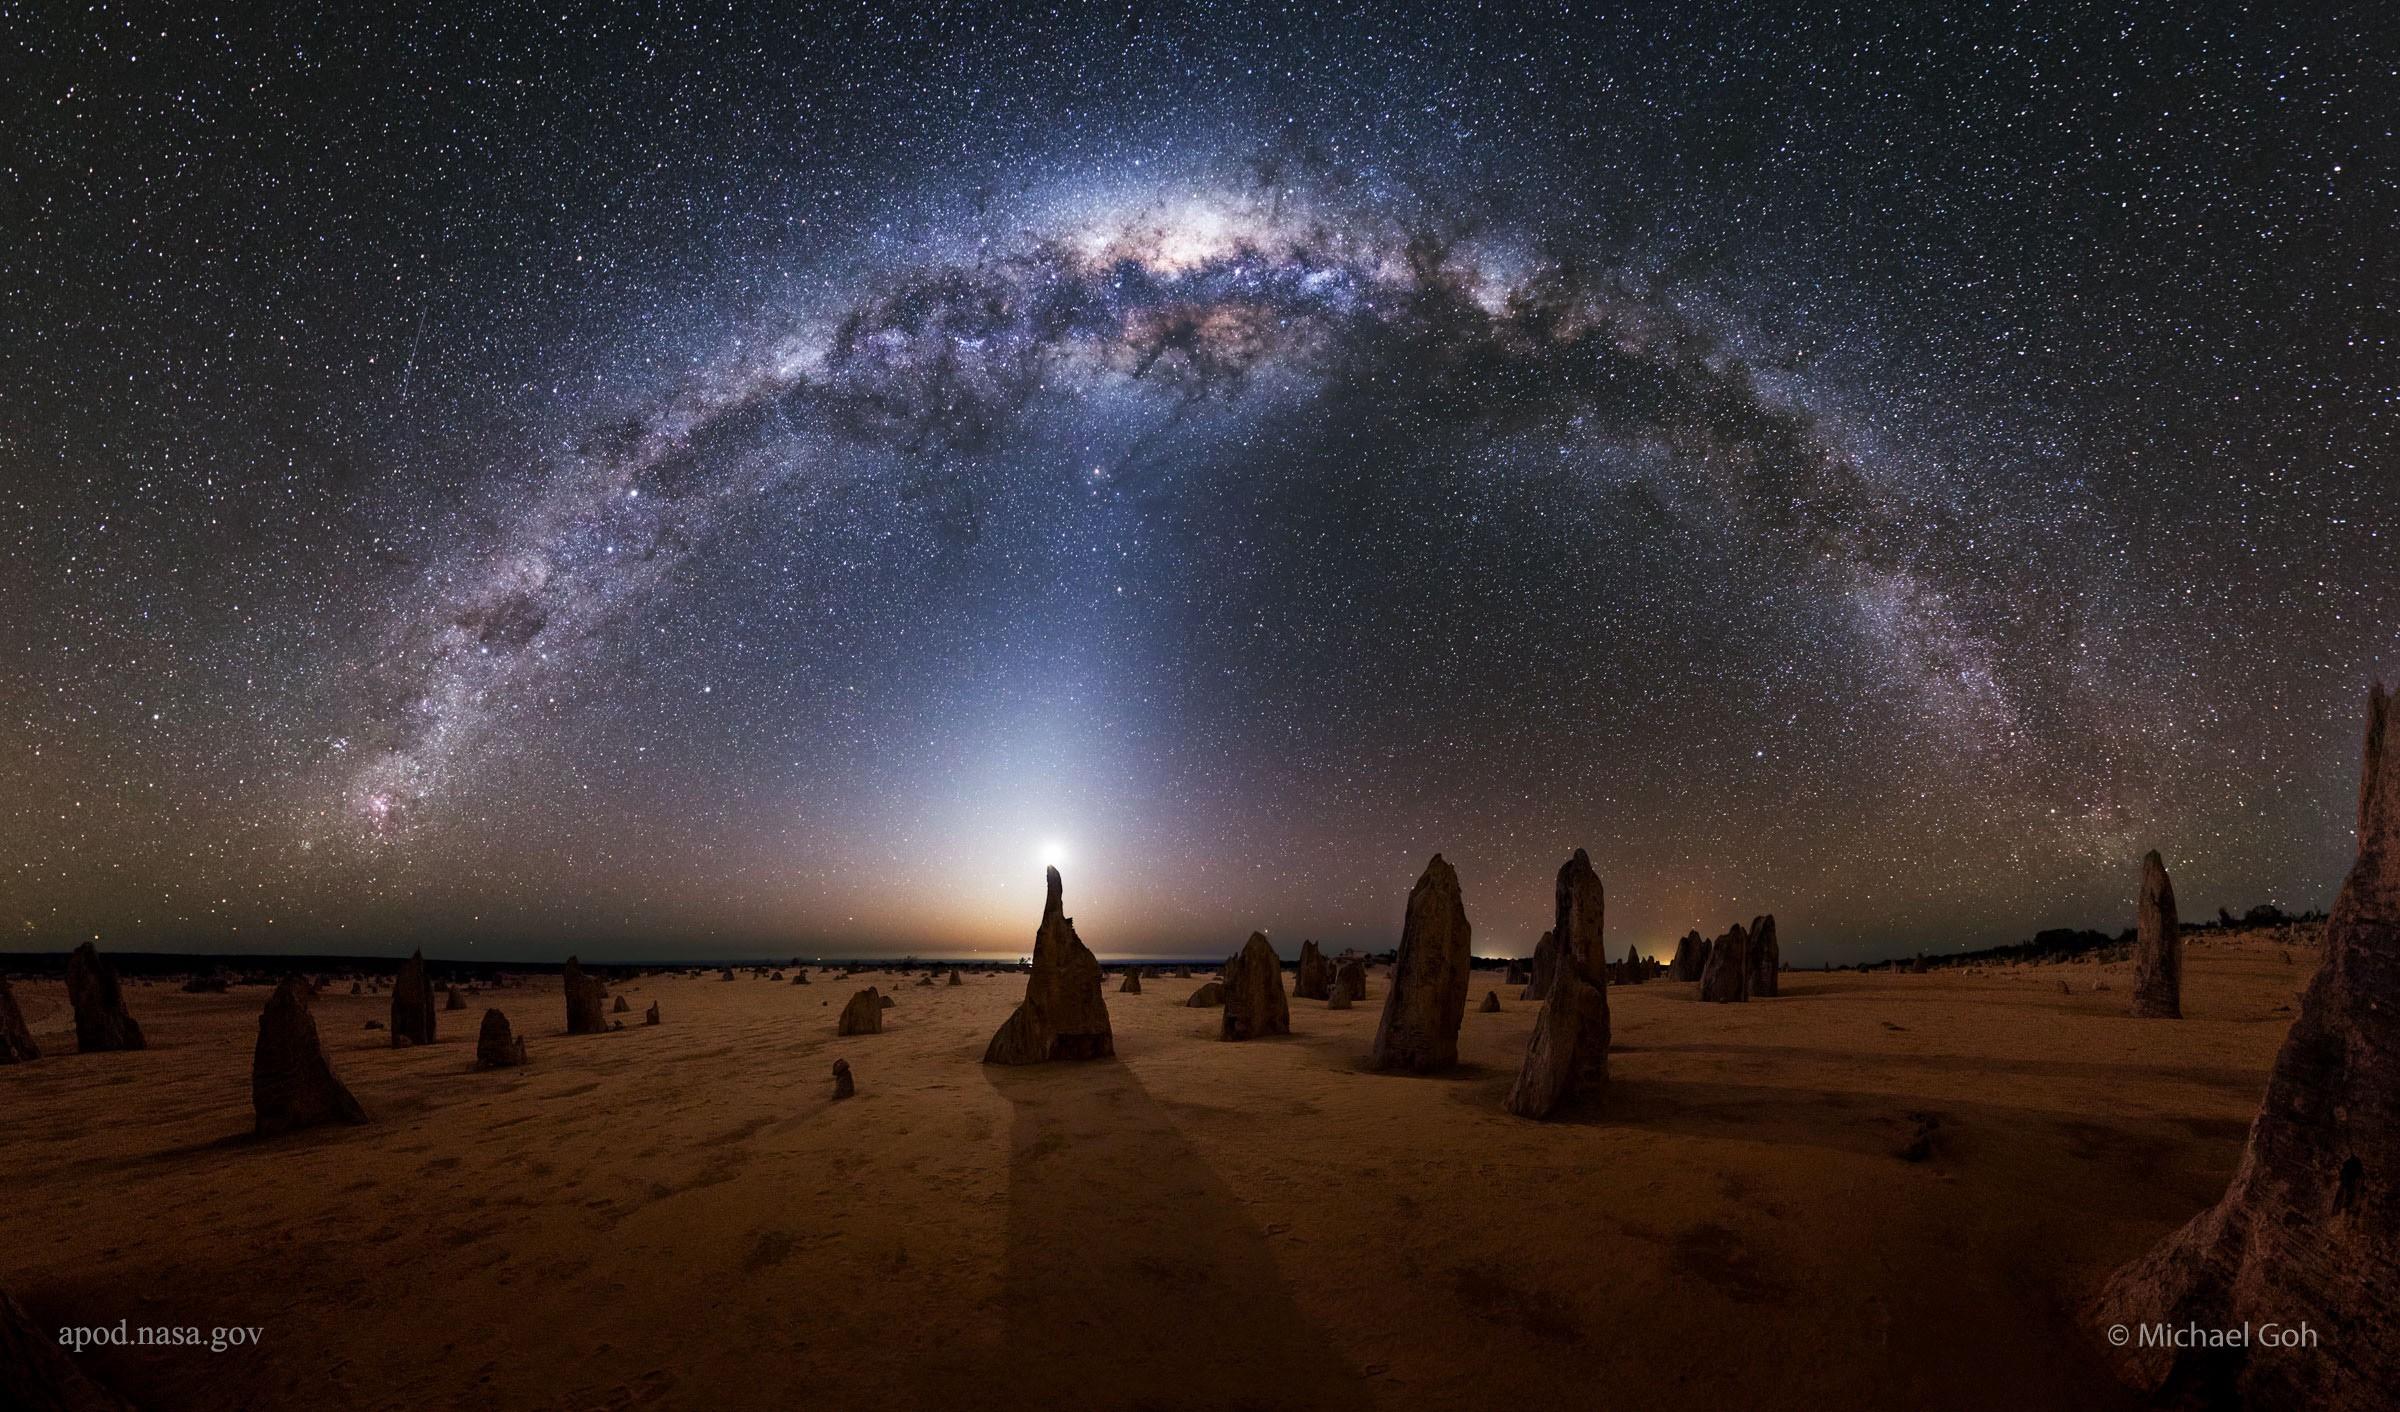 Il mito della nascita della Via Lattea dimostra come l'uomo percepisce i colori